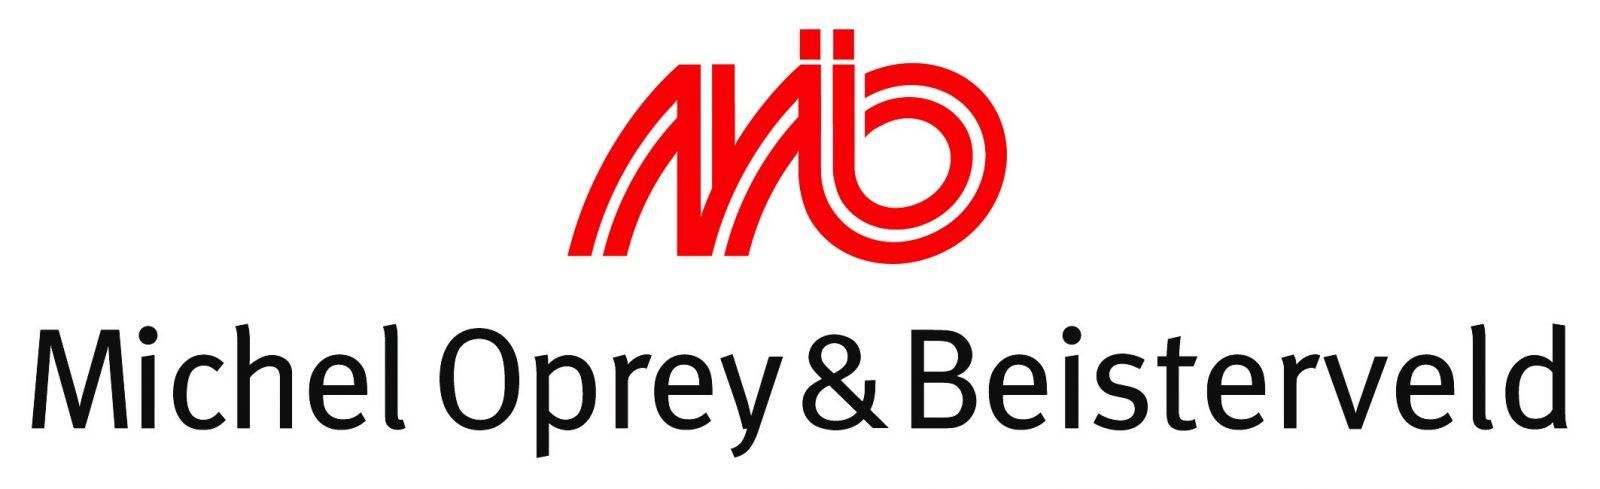 Michel Oprey & Beisterveld - 1